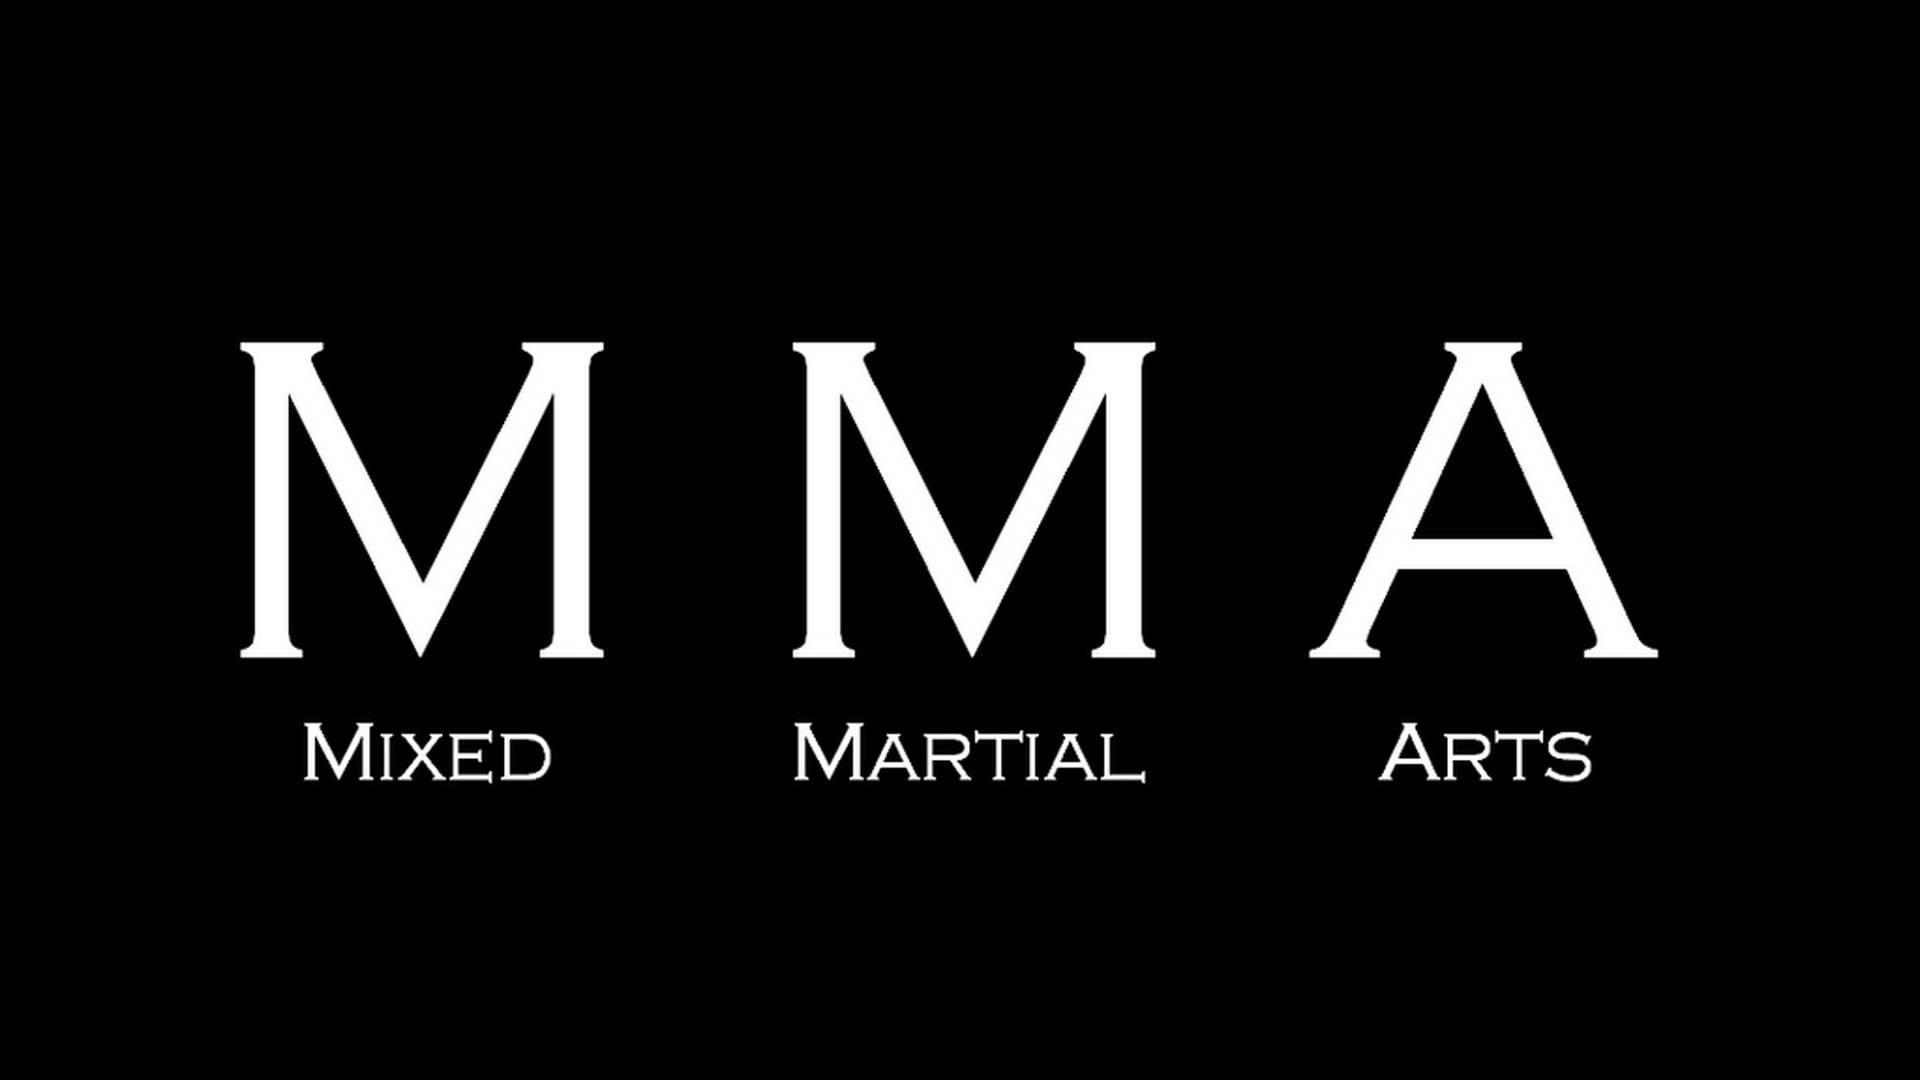 مفهوم رياضة القتال المختلط MMA وأهم قوانينها وخباياها